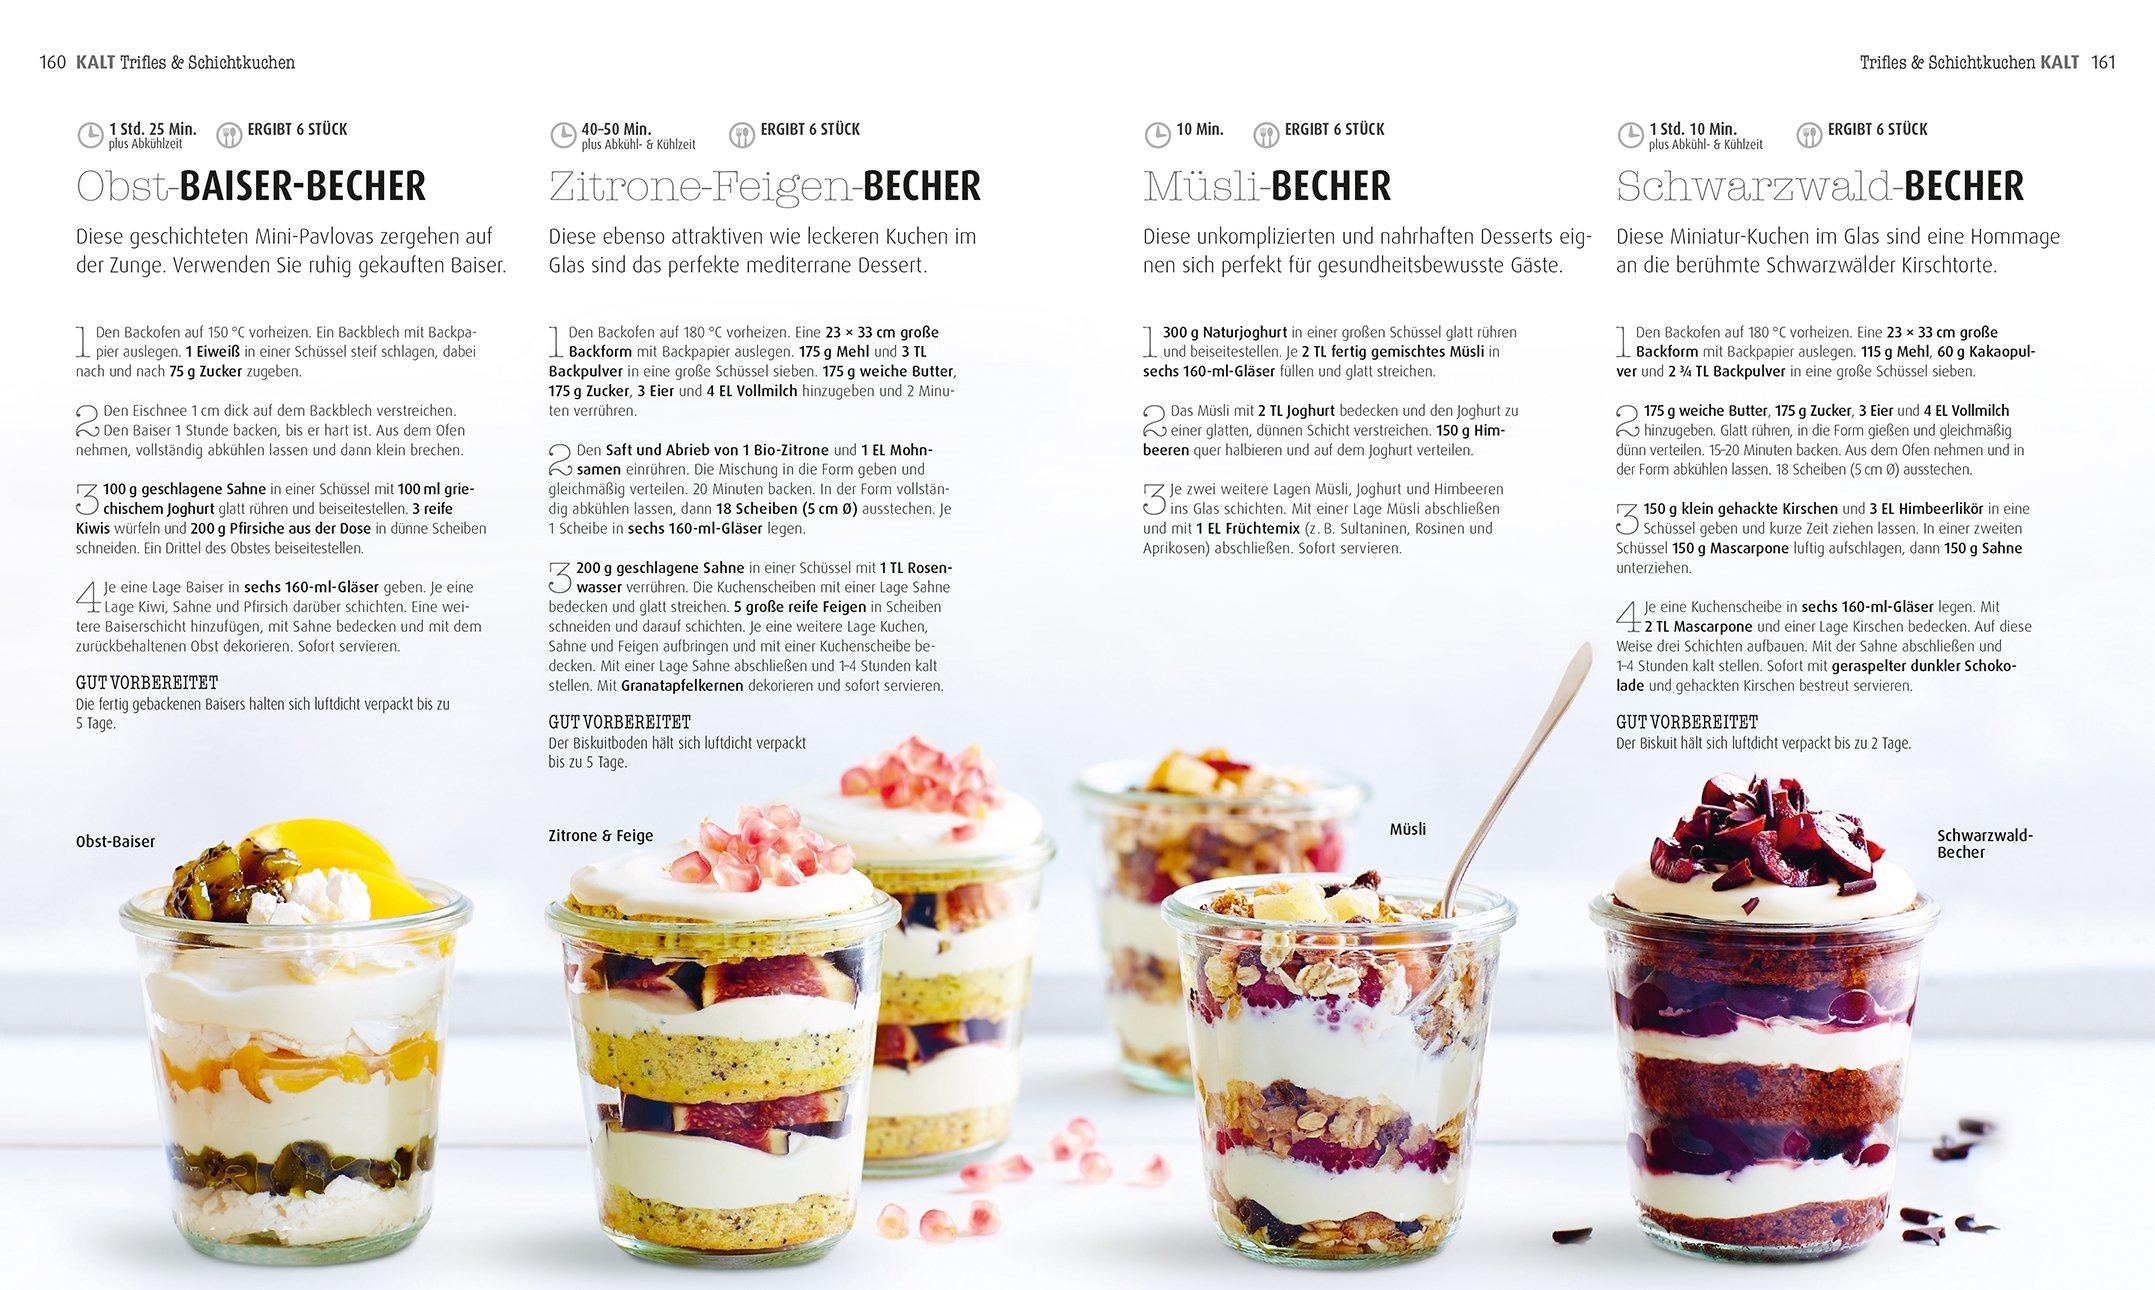 Ziemlich Geschlagenen Küche Müsli Bilder - Küchenschrank Ideen ...